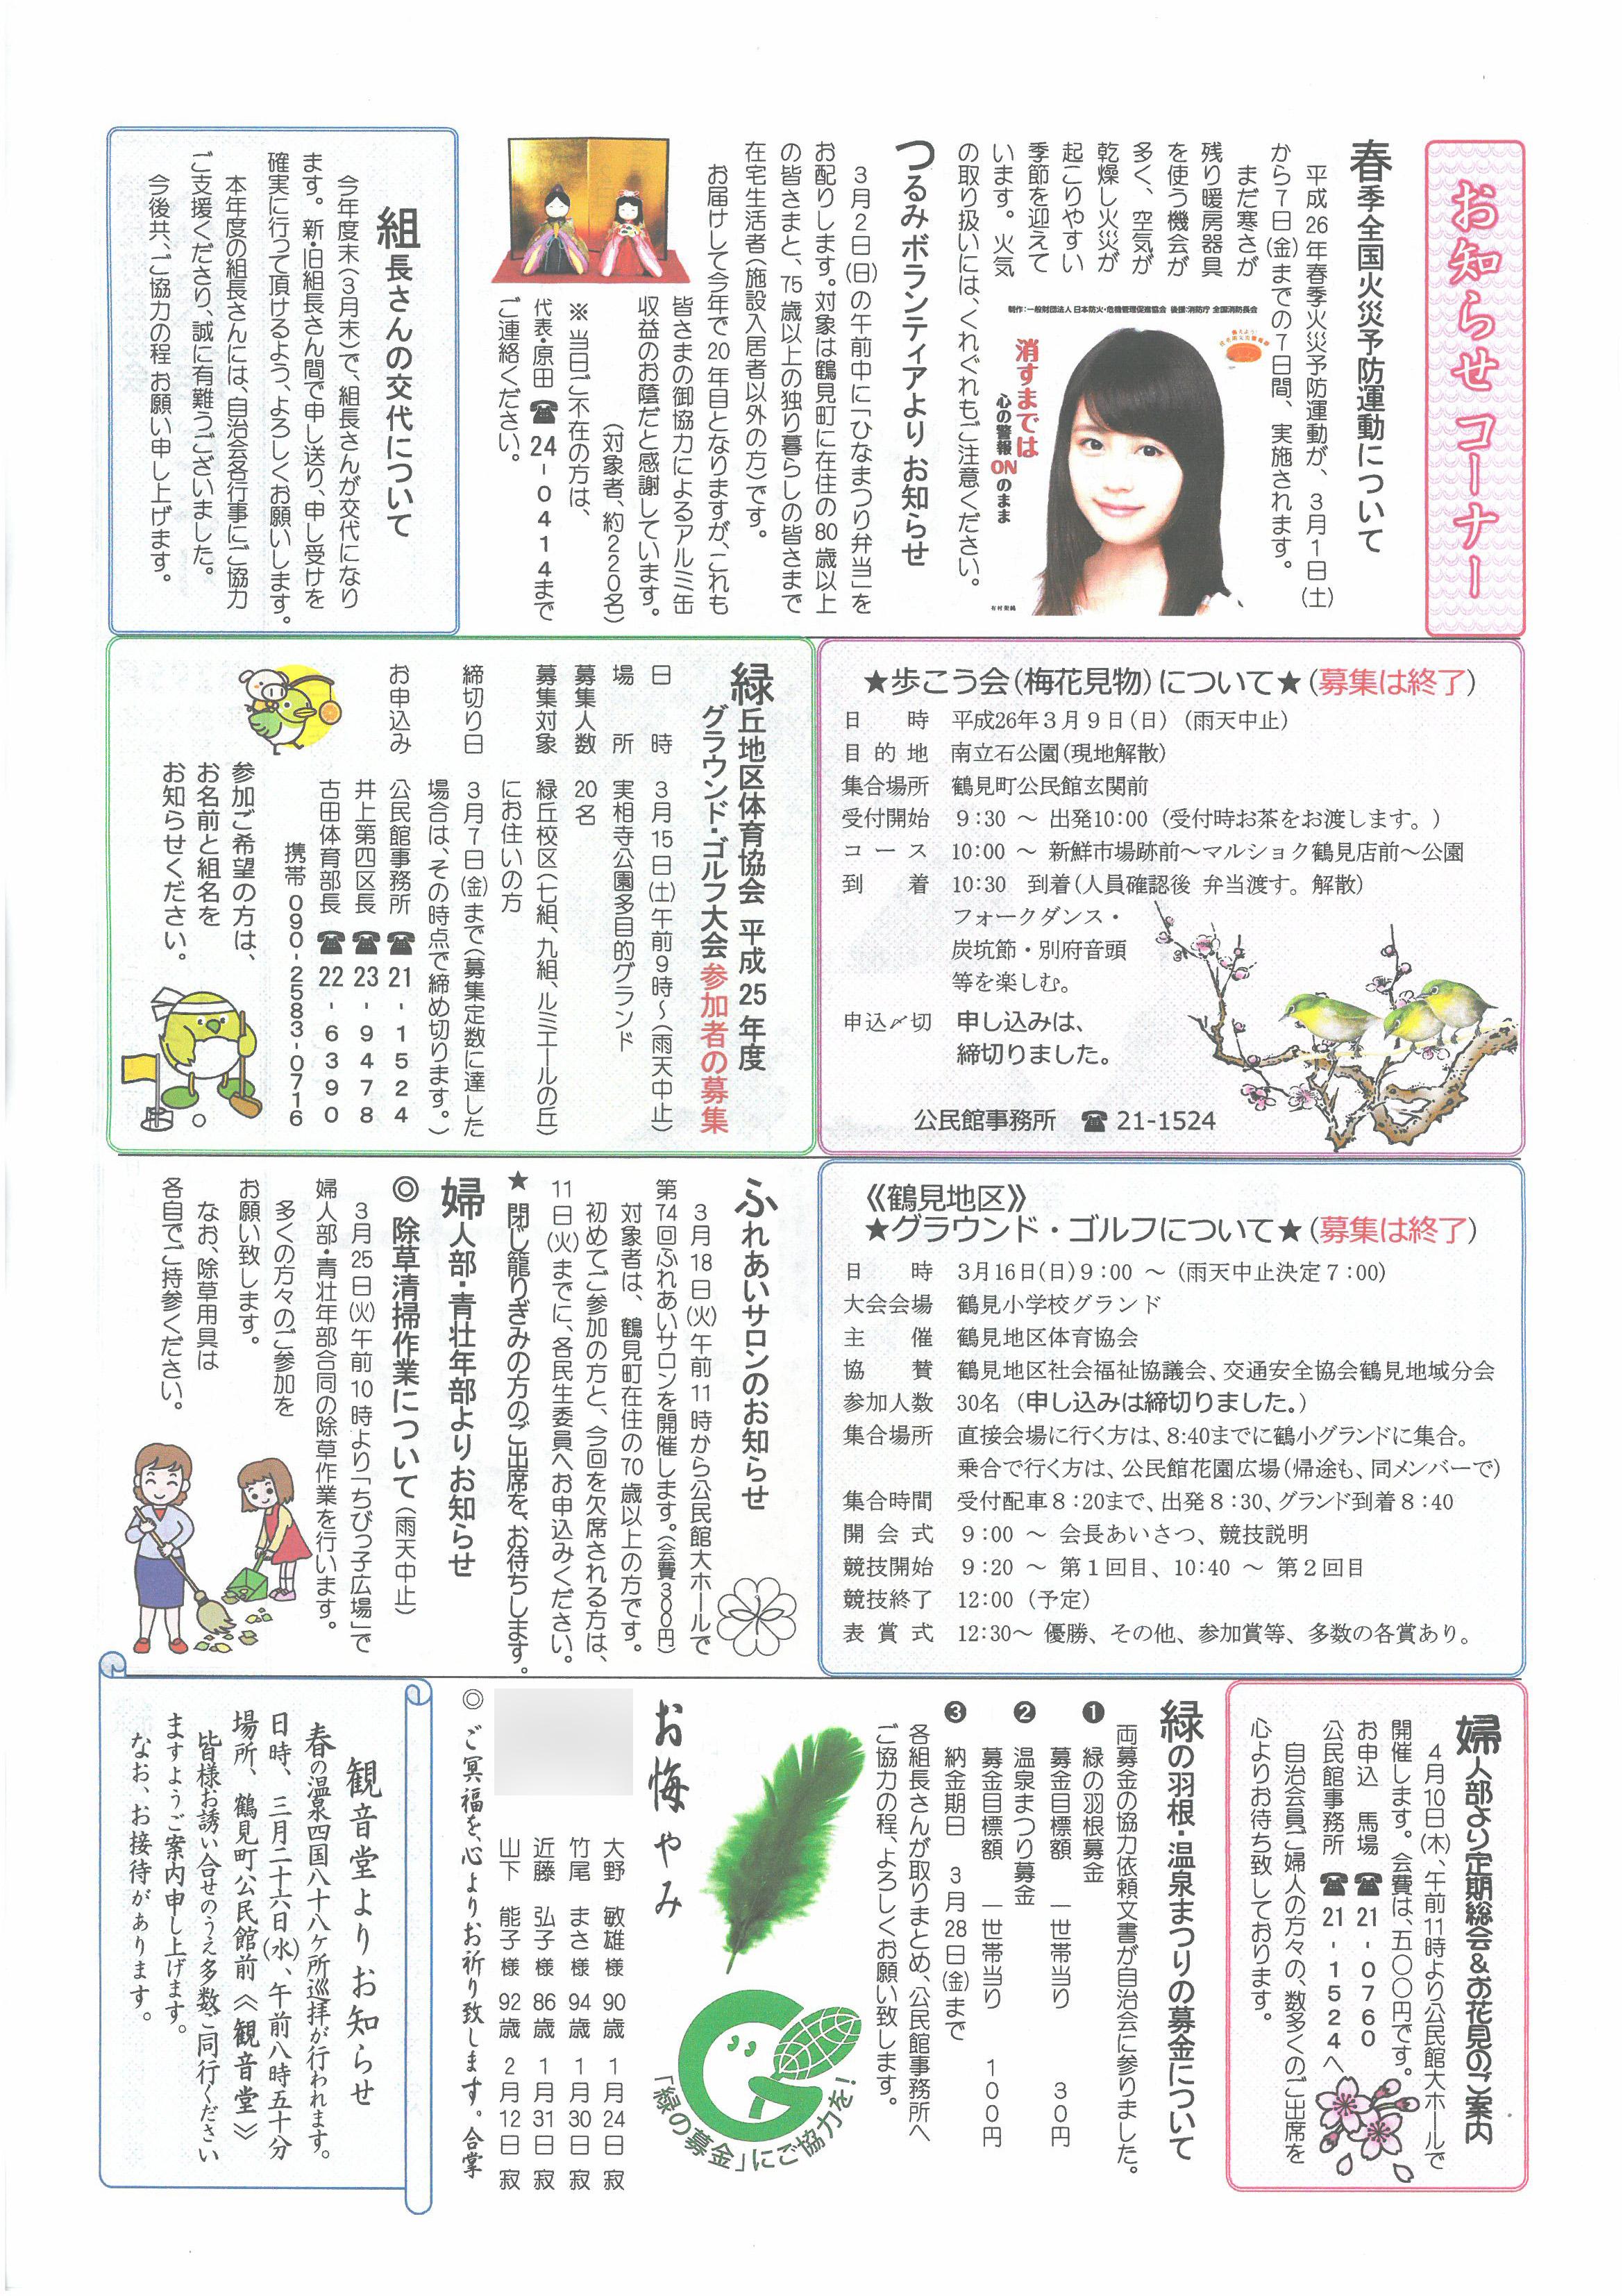 tsurumi2014_03_02.